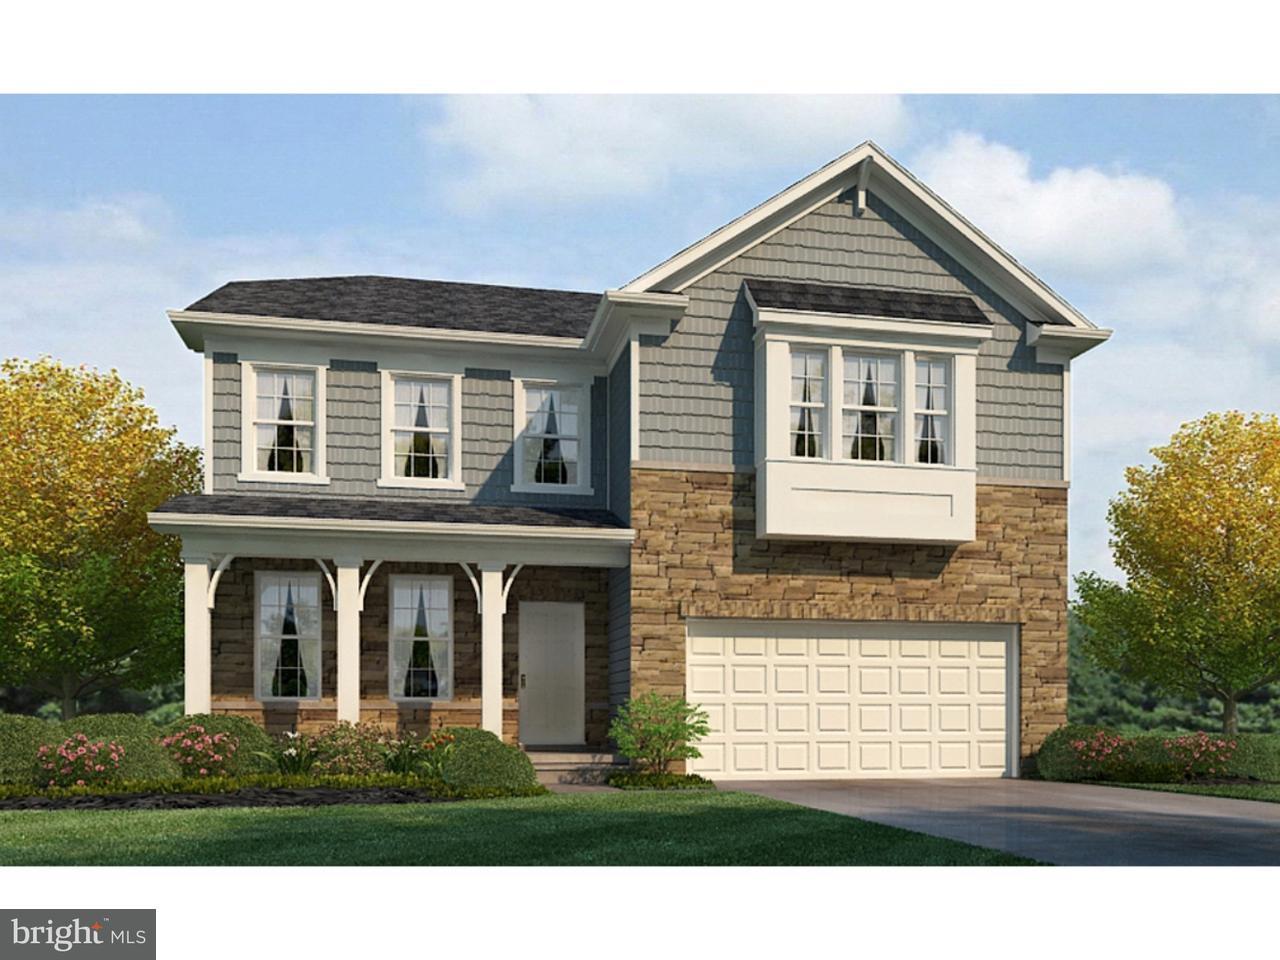 Casa Unifamiliar por un Venta en 8 STAMFORD Place Evesham Twp, Nueva Jersey 08053 Estados Unidos